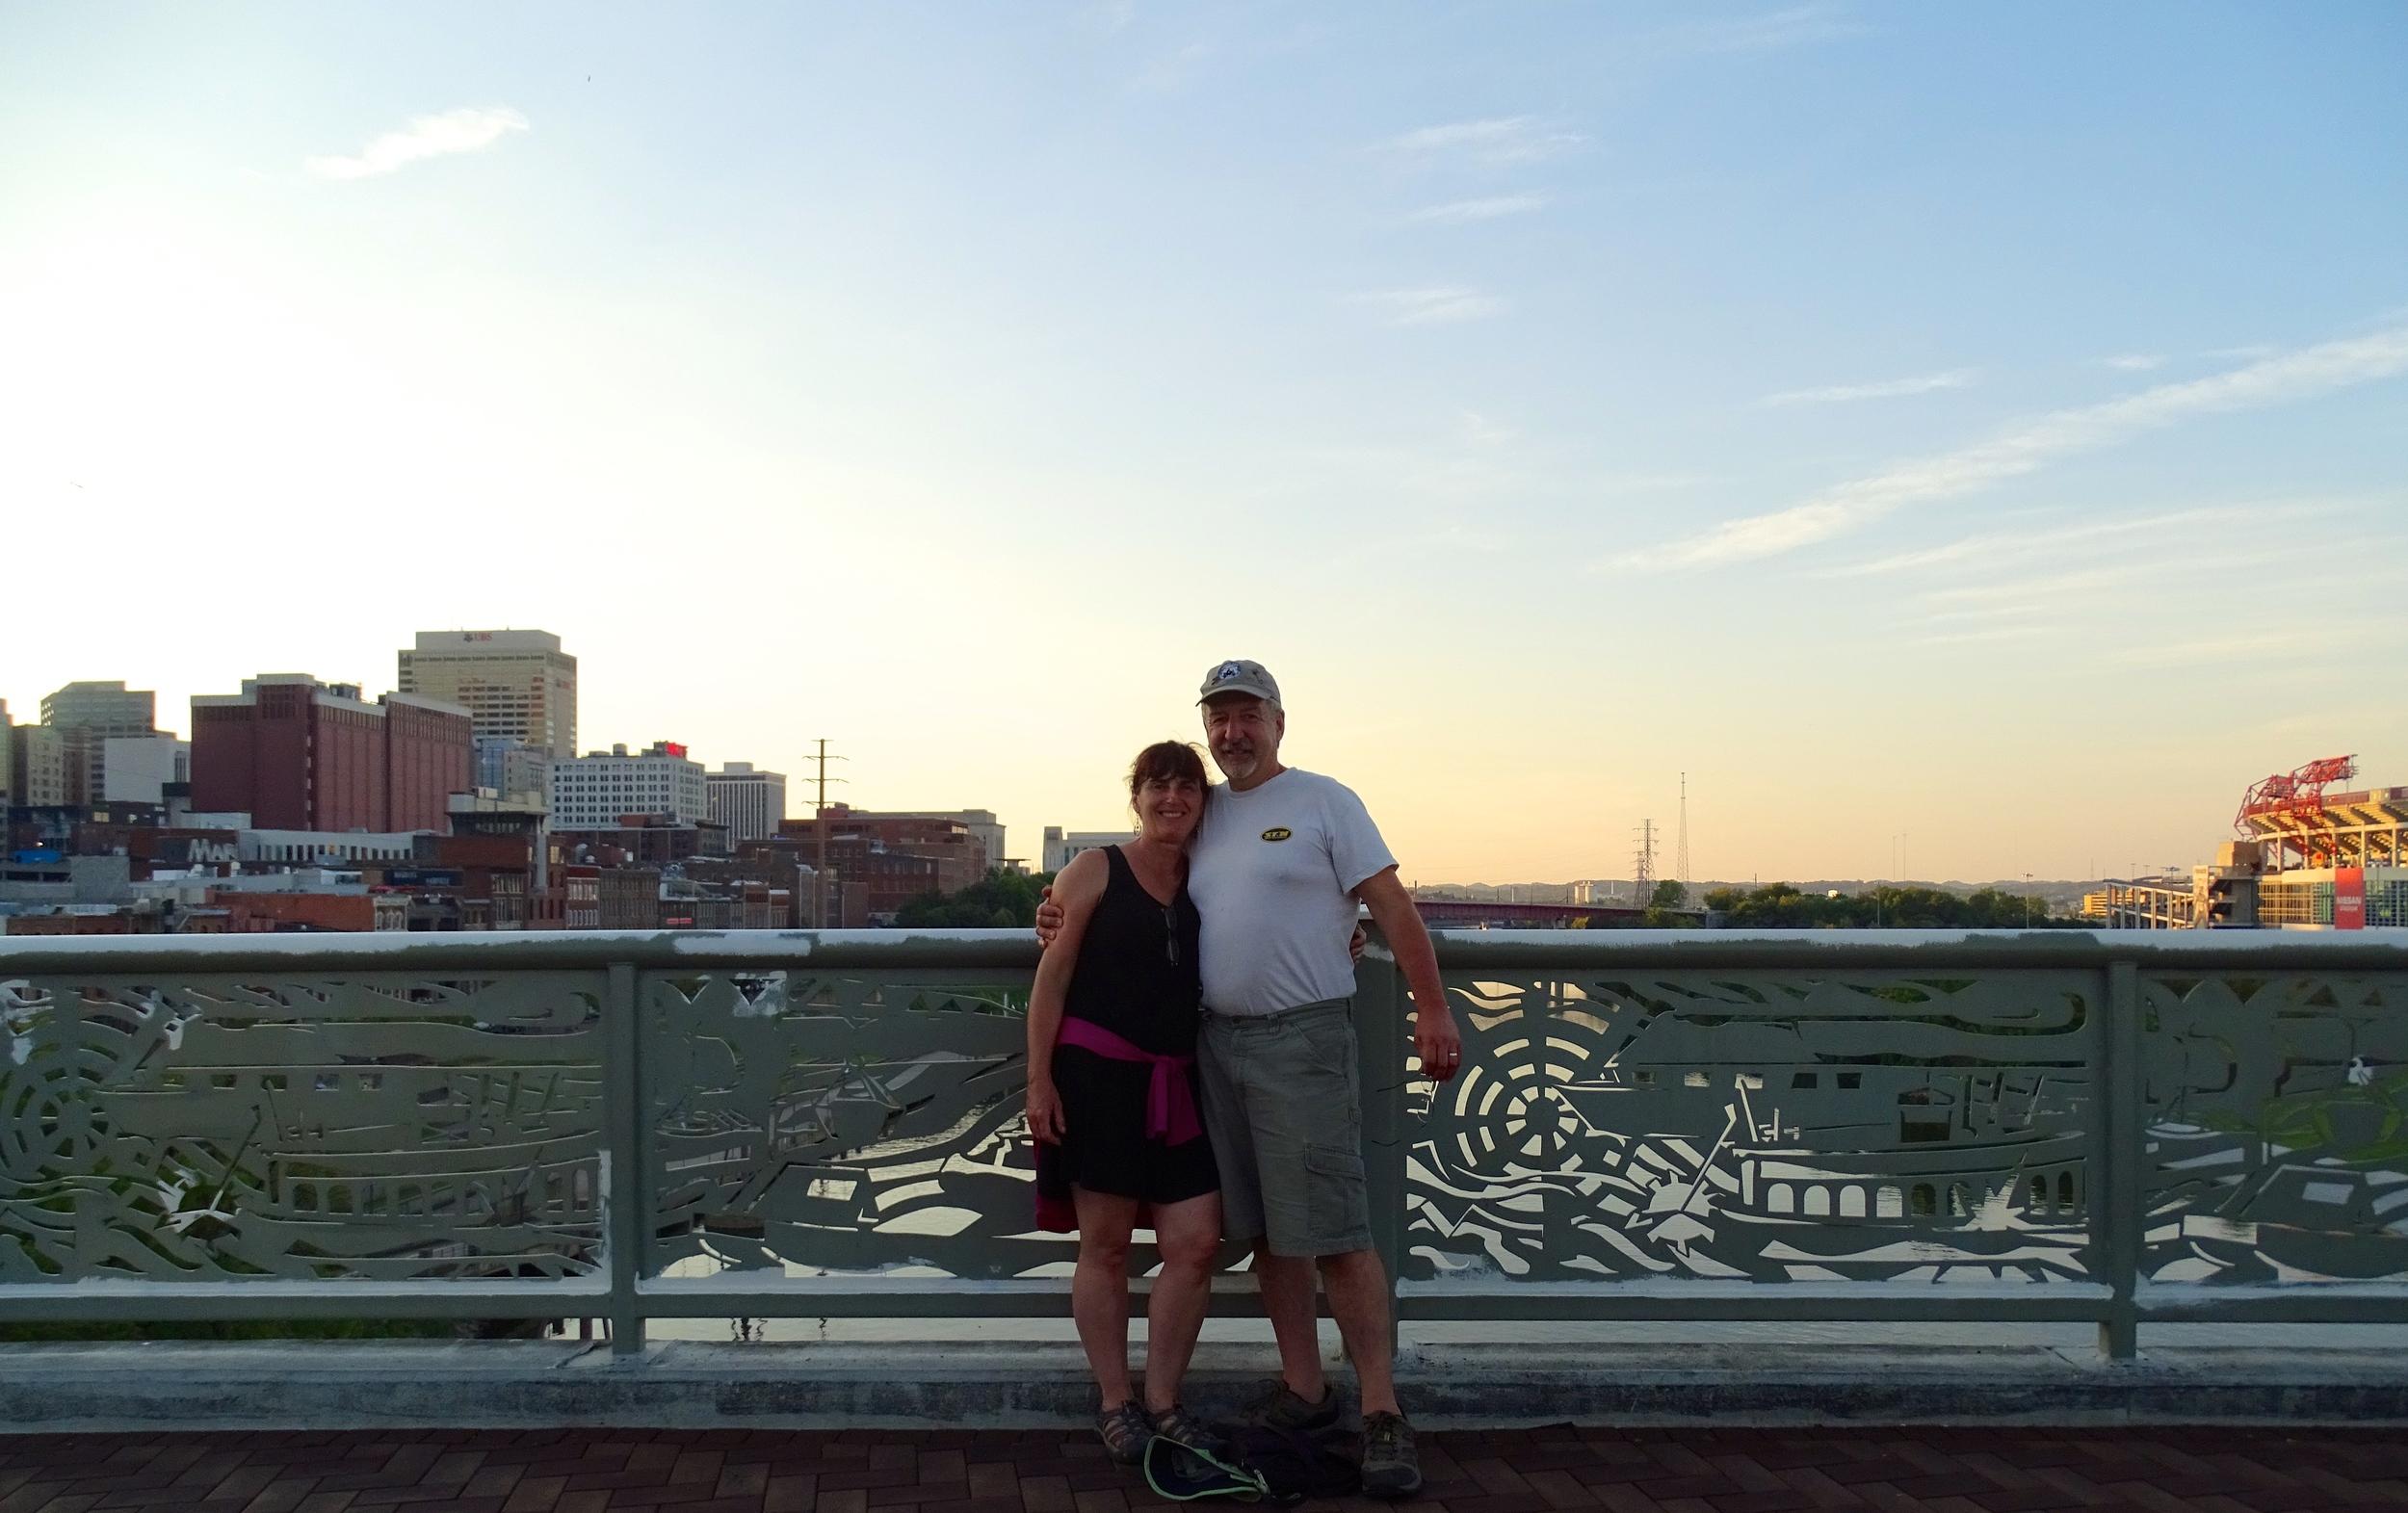 Setting Sun, Nashville Day Nearly Done